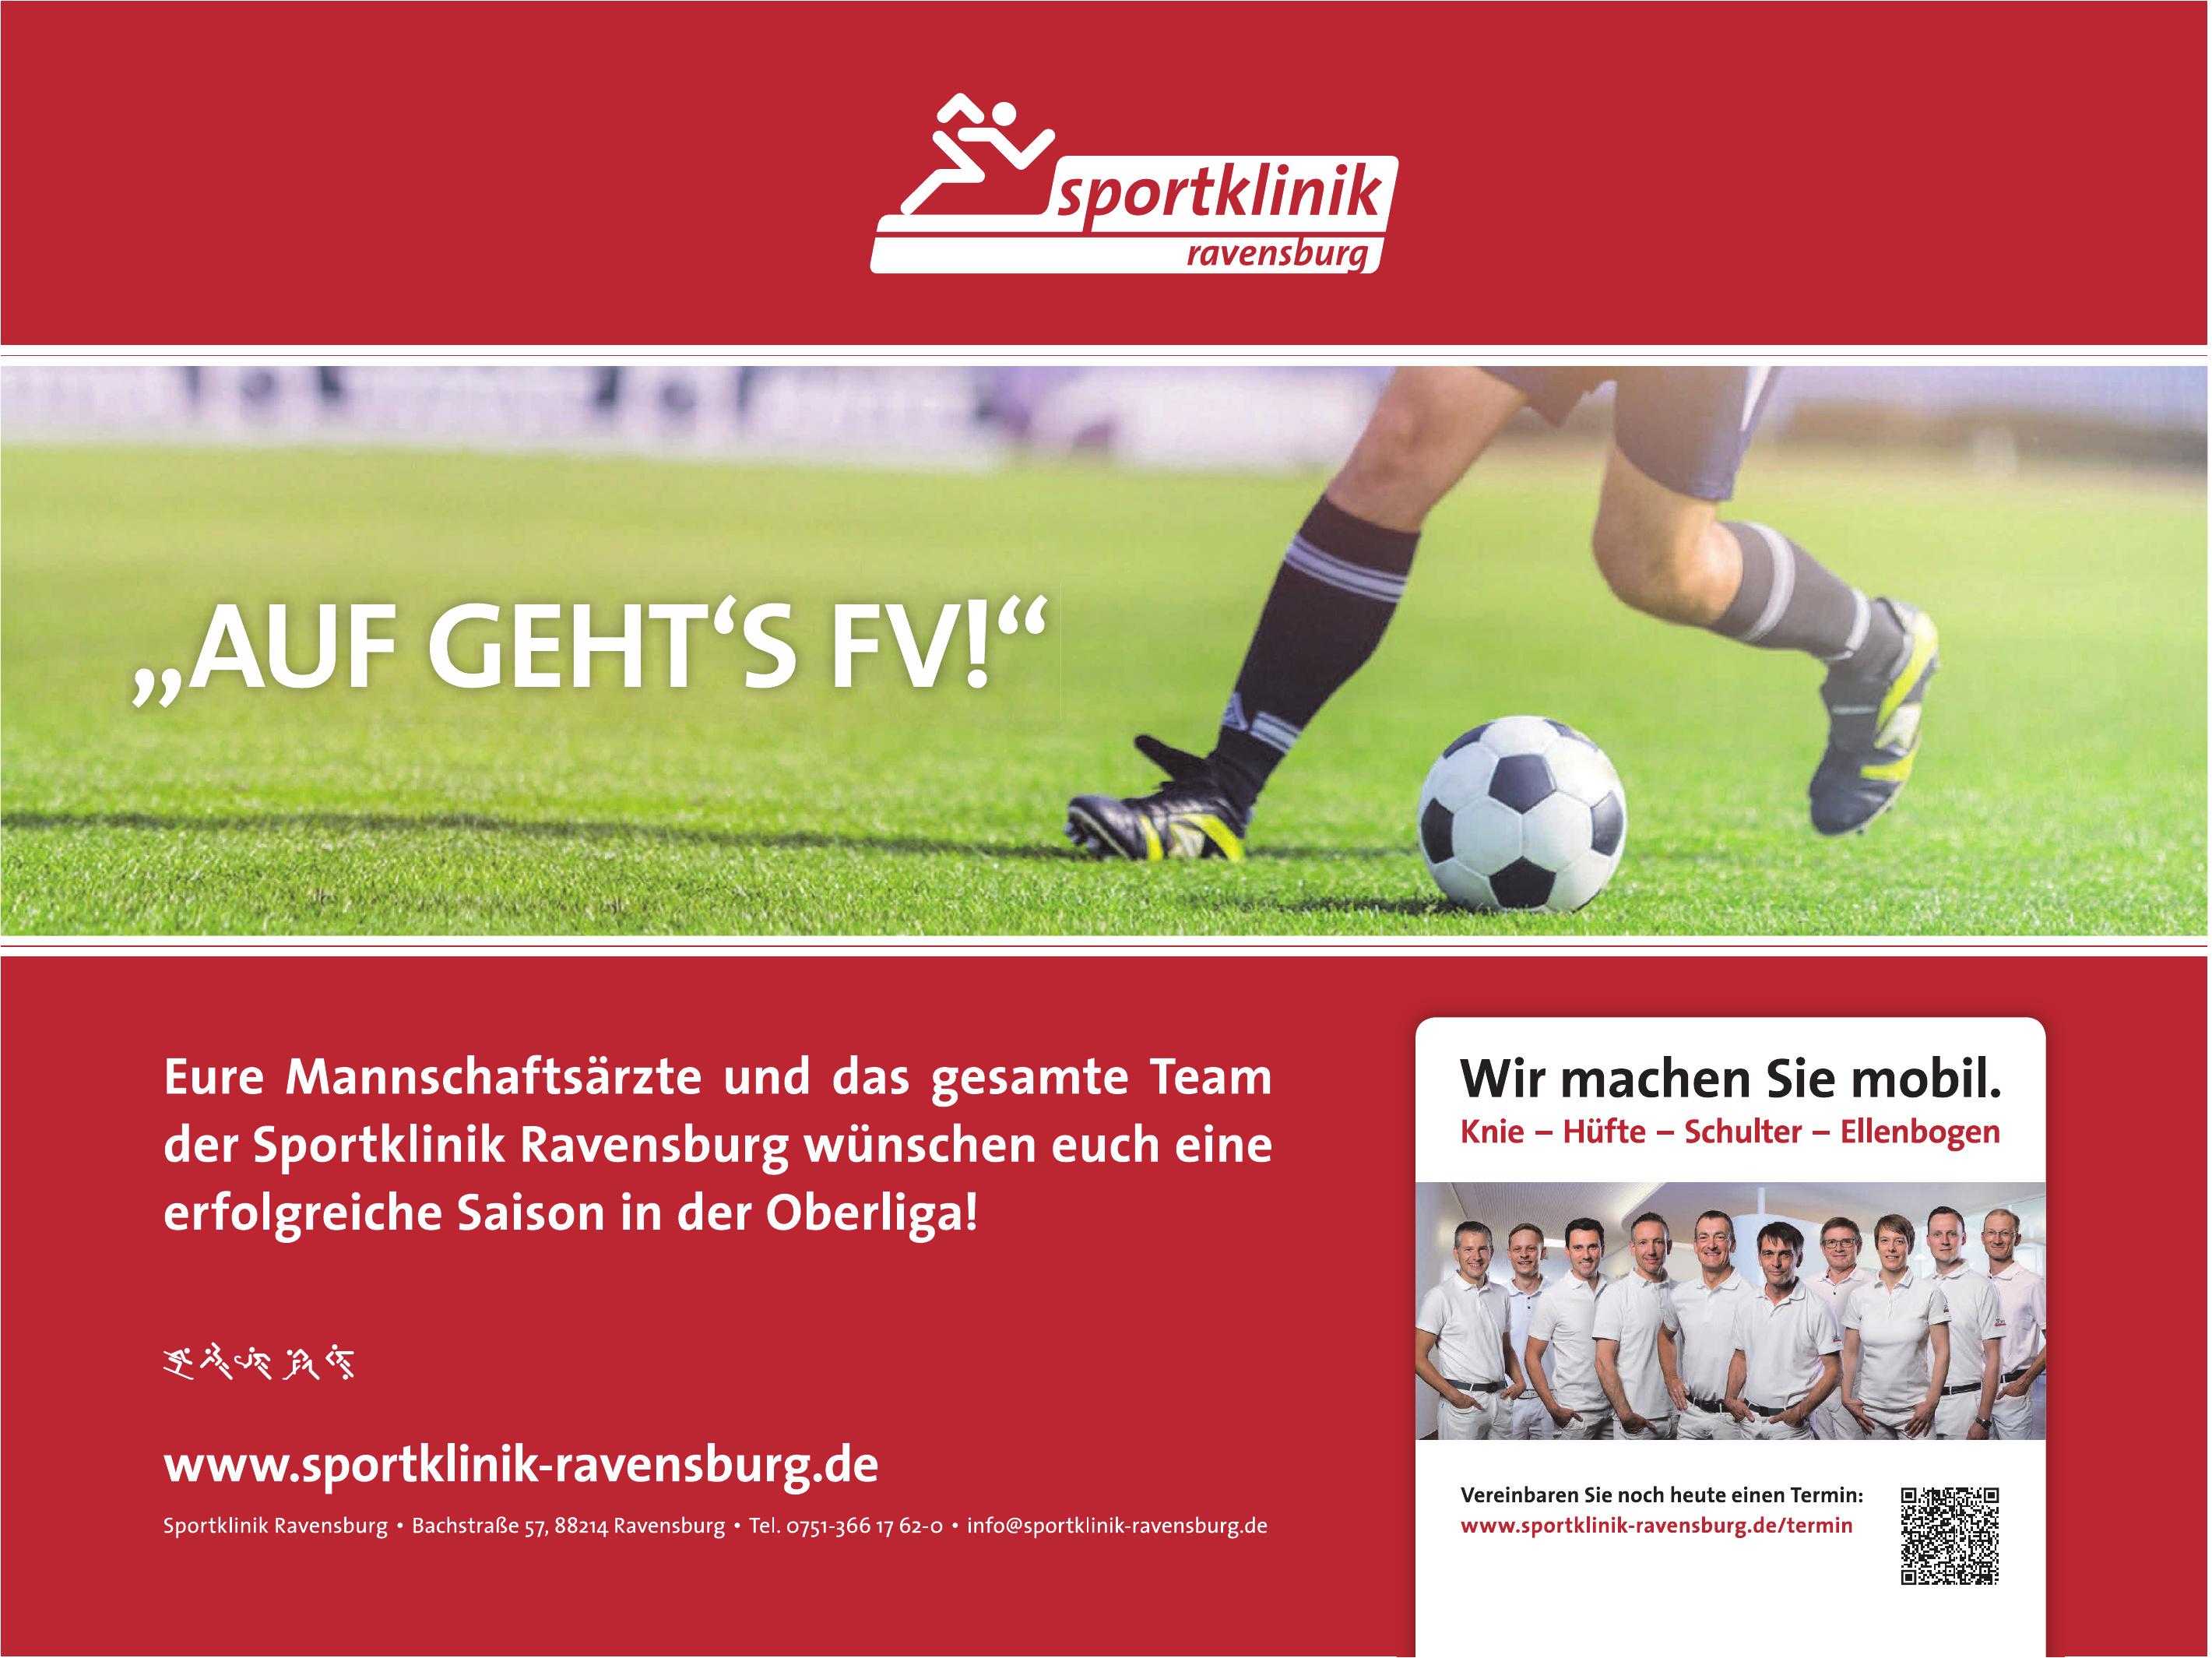 Sportklinik Ravensburg